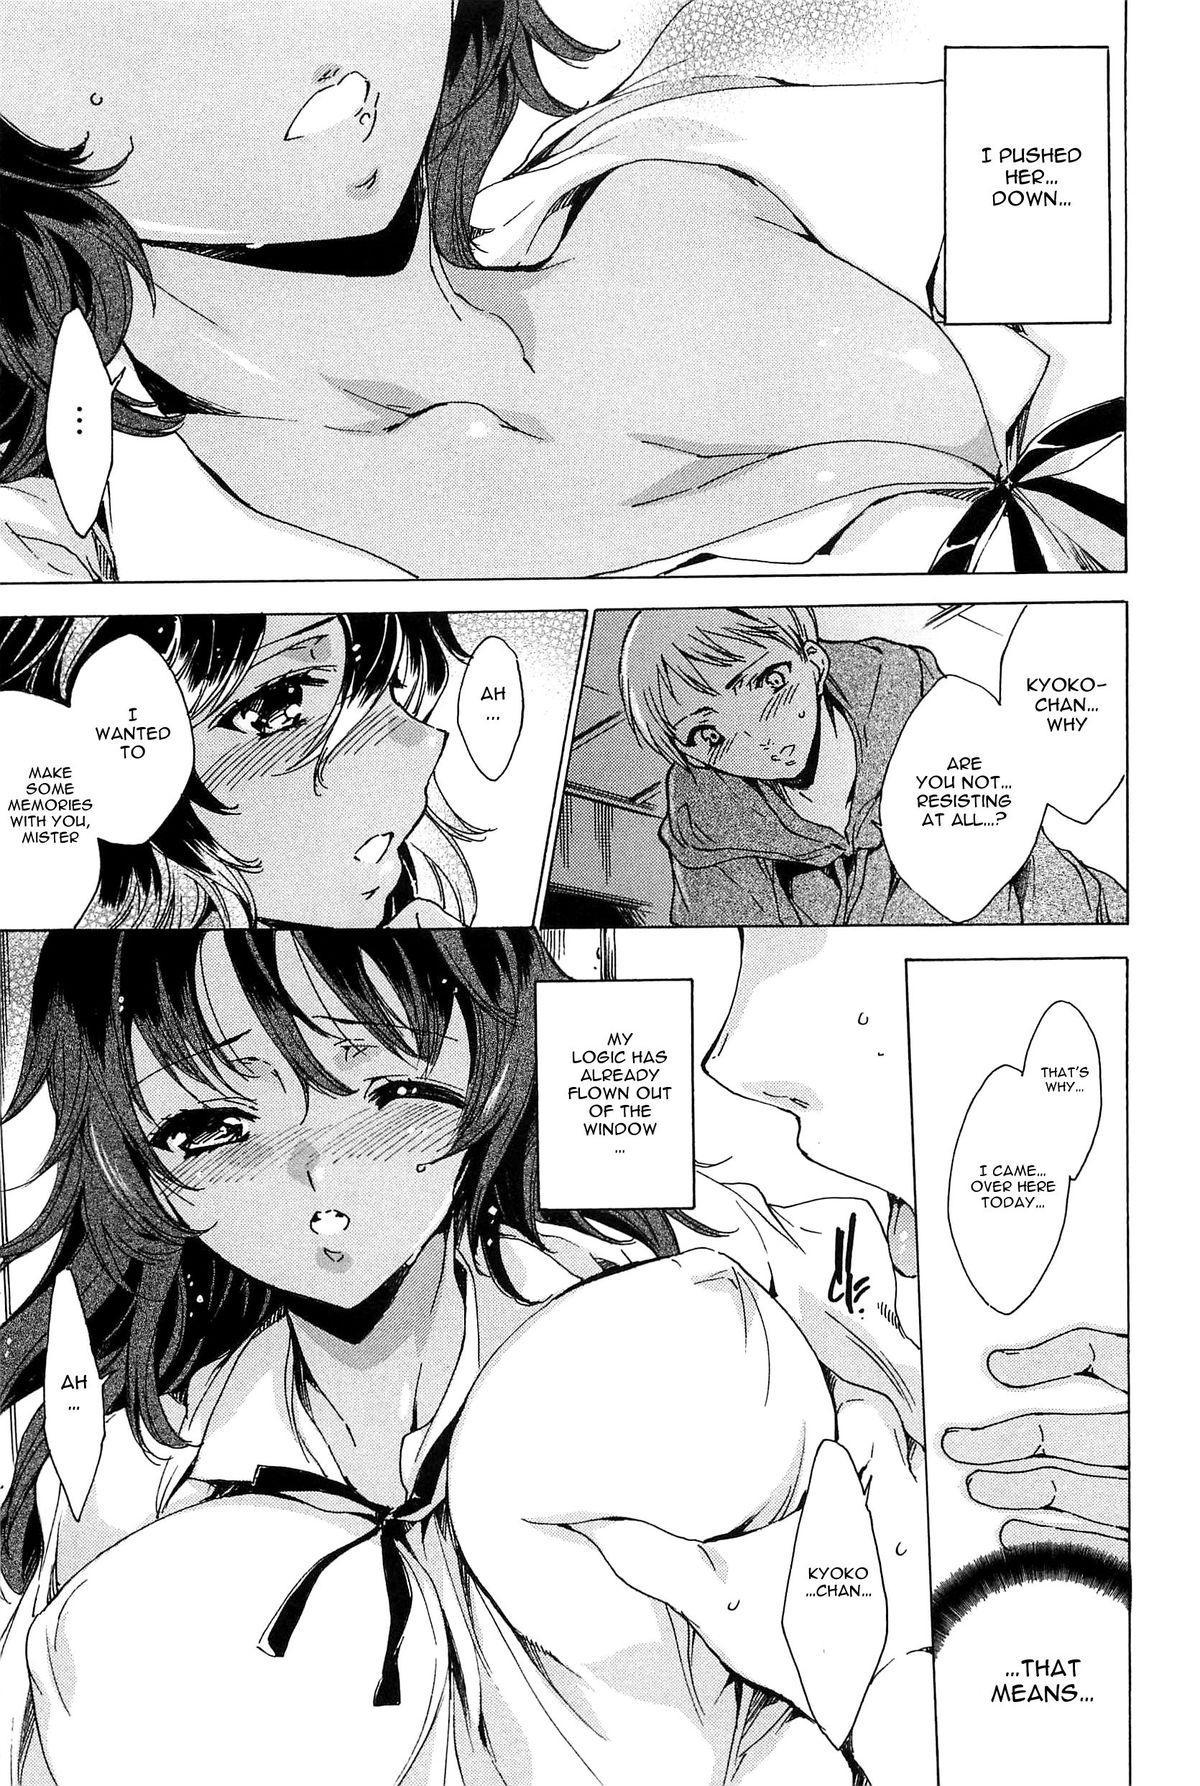 [Yuiga Naoha] Nikuyoku Rensa - NTR Kanojo   Chains of Lust - NTR Girlfriend [English] {doujin-moe.us} 192